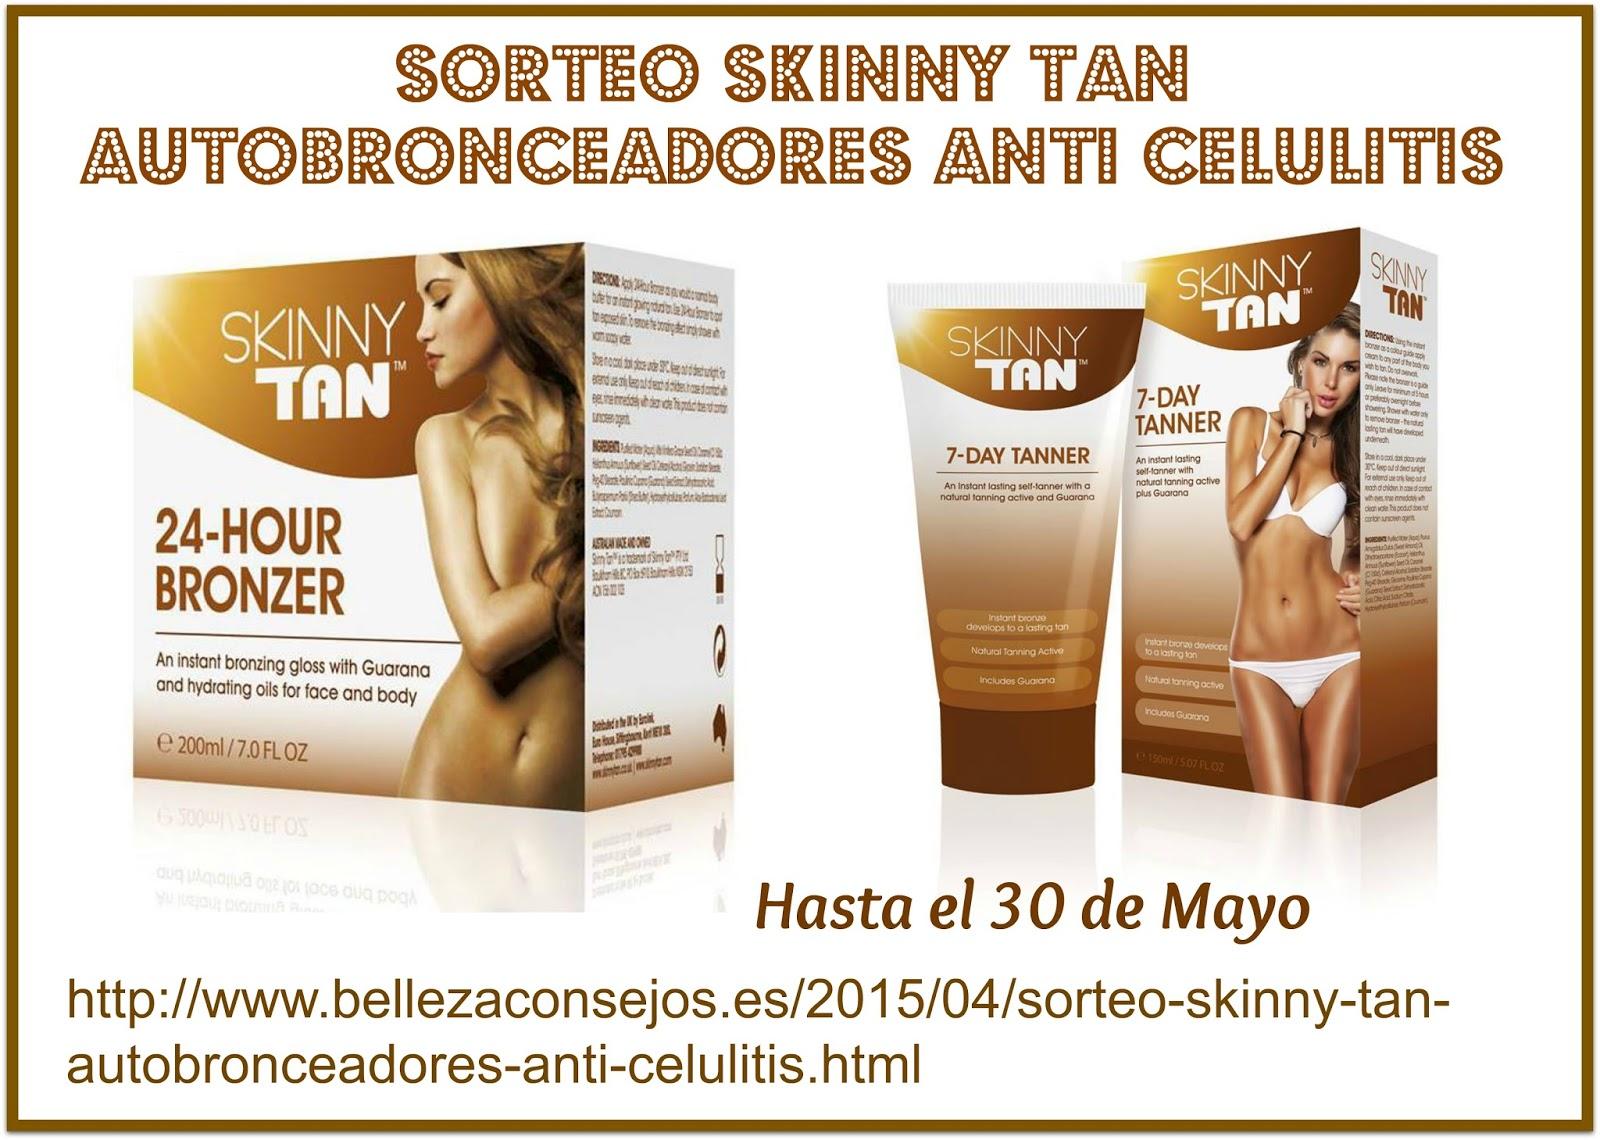 Sorteo Skinny Tan autobronceadores anti celulitis